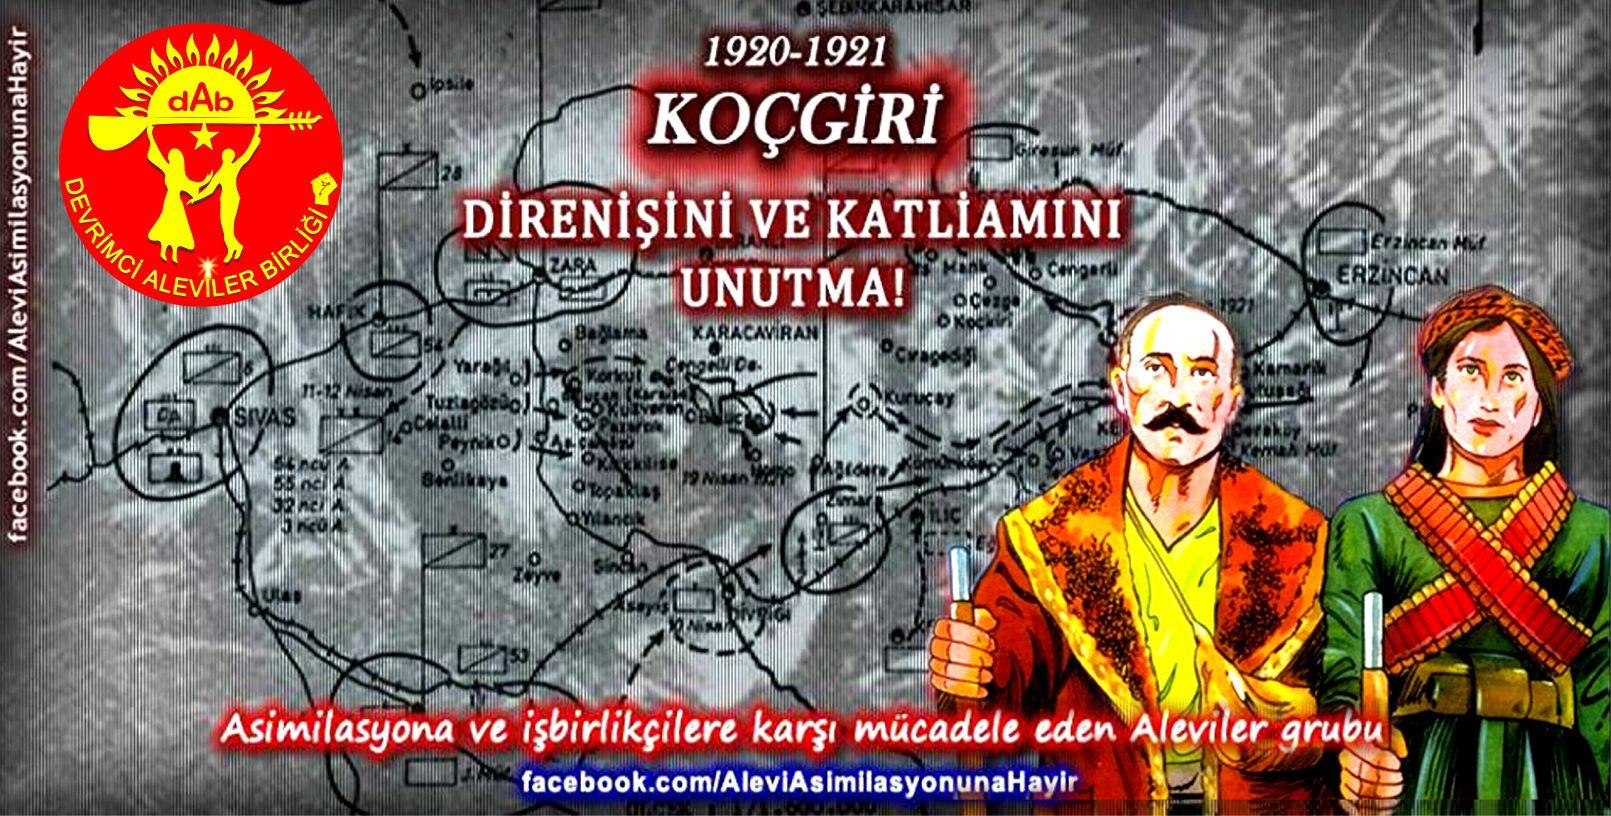 Devrimci Aleviler Birliği DAB Alevi Kızılbaş Bektaşi pir sultan cem hz Ali 12 imam semah Feramuz Şah Acar kocgiri123